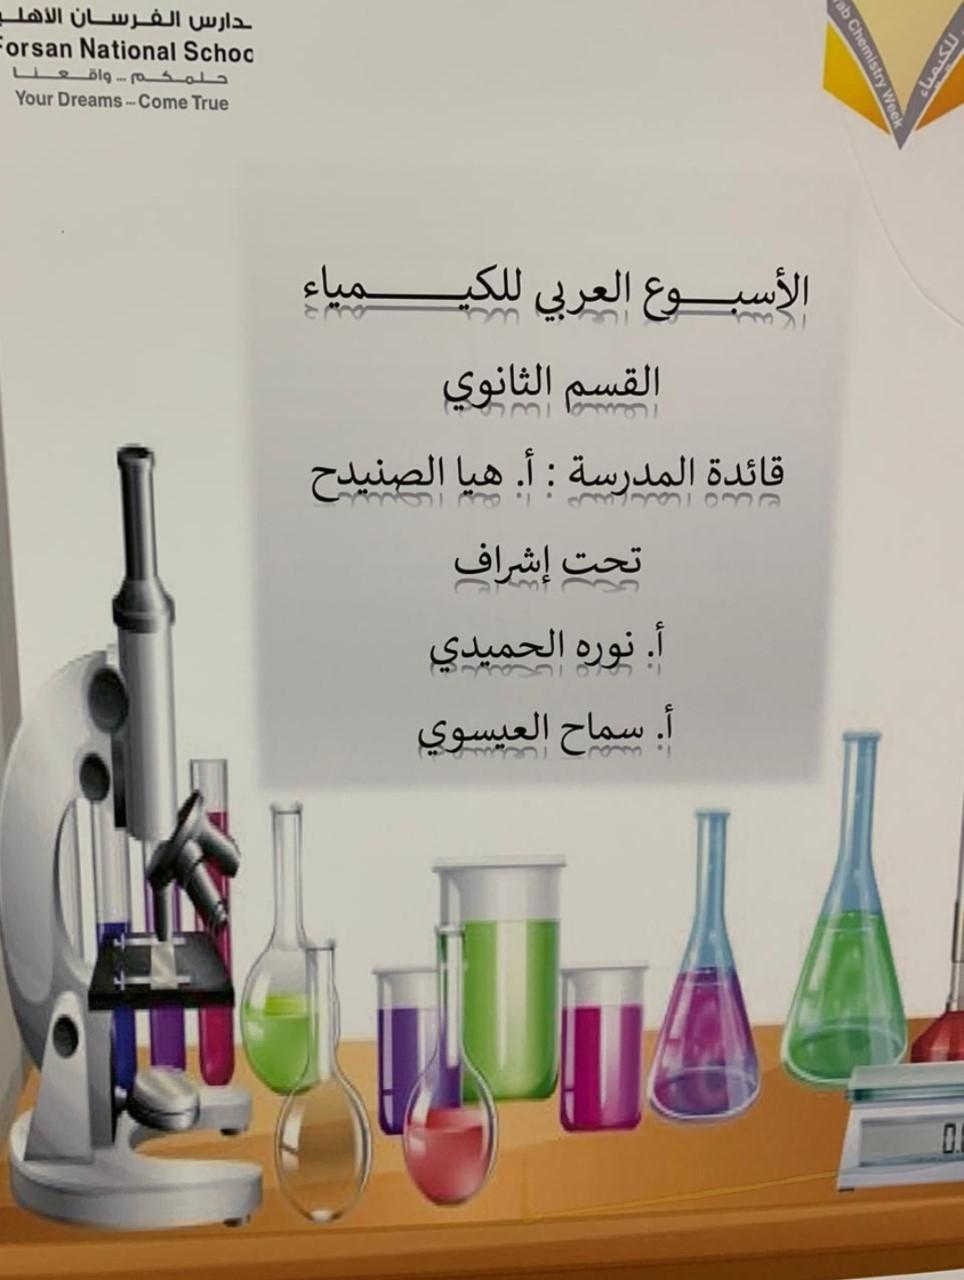 الأسبوع العربي للكيمياء          قسم المتوسط والثانوي